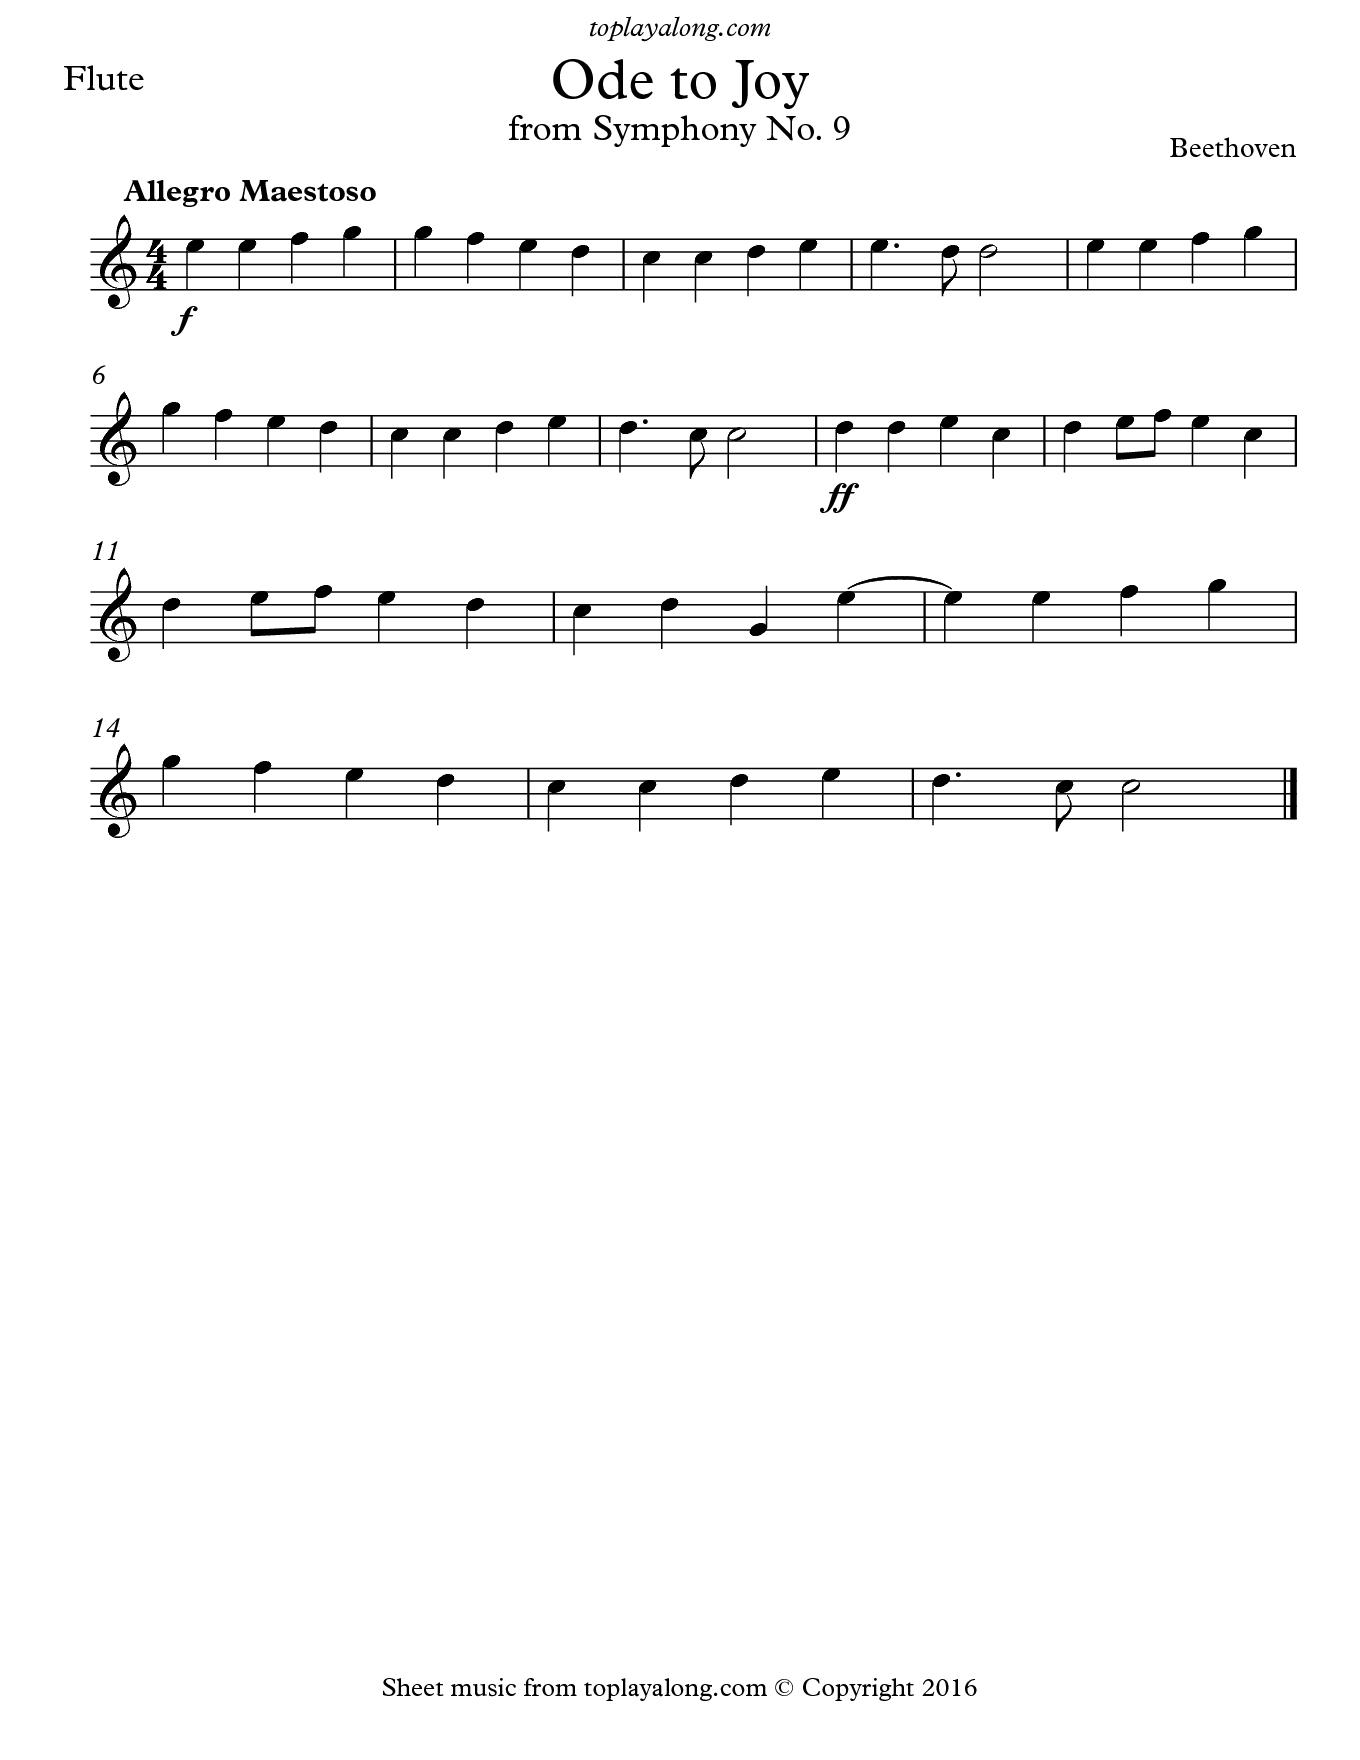 Ode To Joy From Symphony No 9 Toplayalong